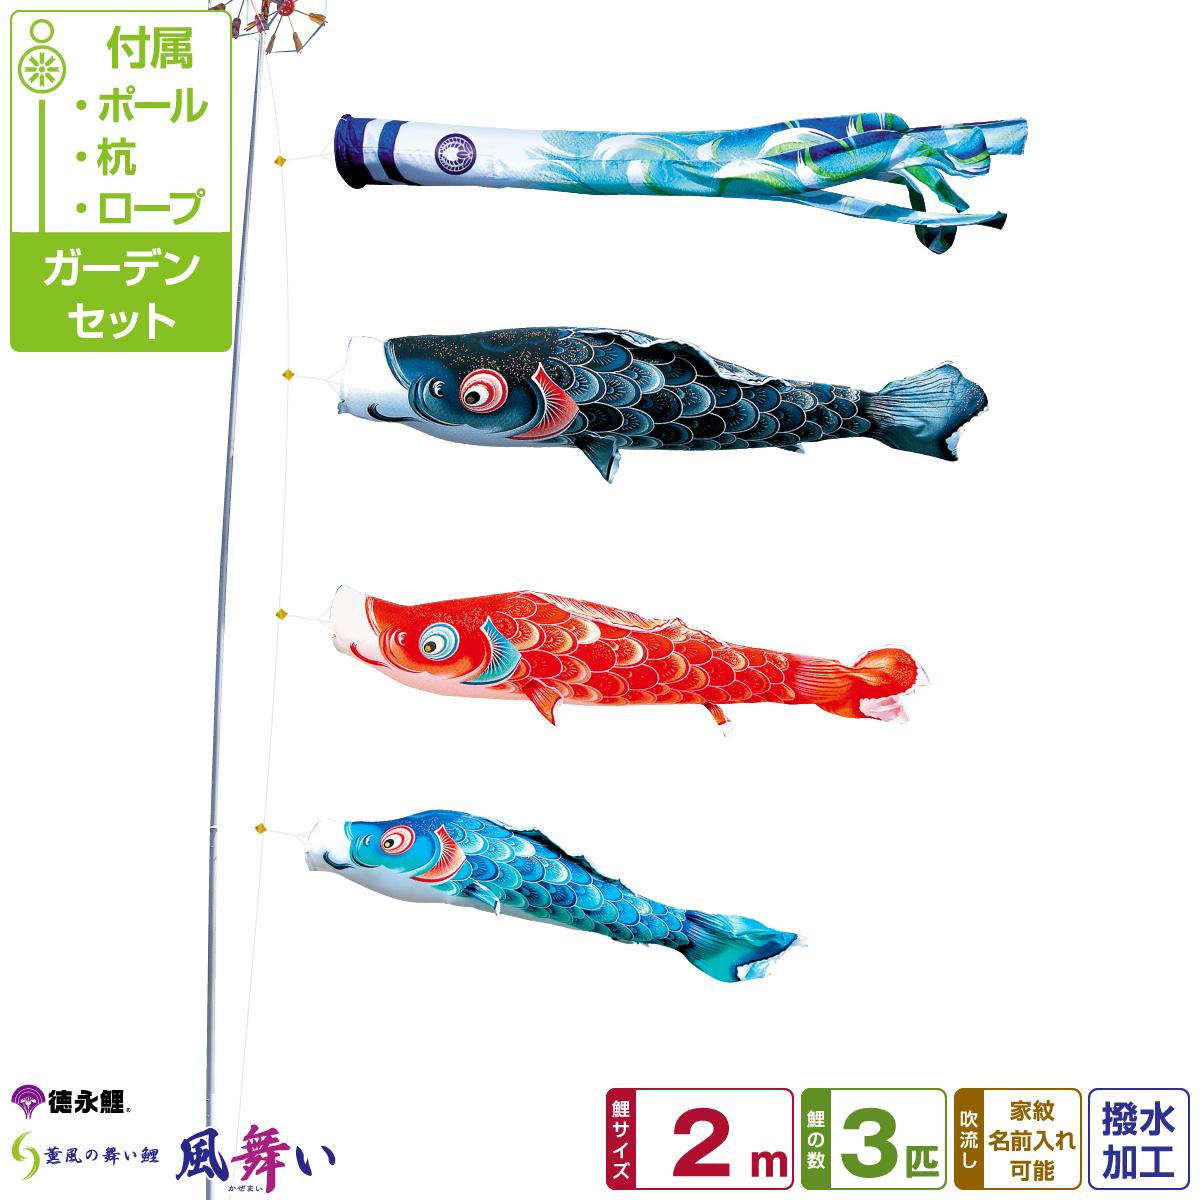 徳永鯉のぼり 風舞い鯉 2m 6点セット ガーデンセット 2019年初節句 端午の節句 こどもの日 こいのぼり